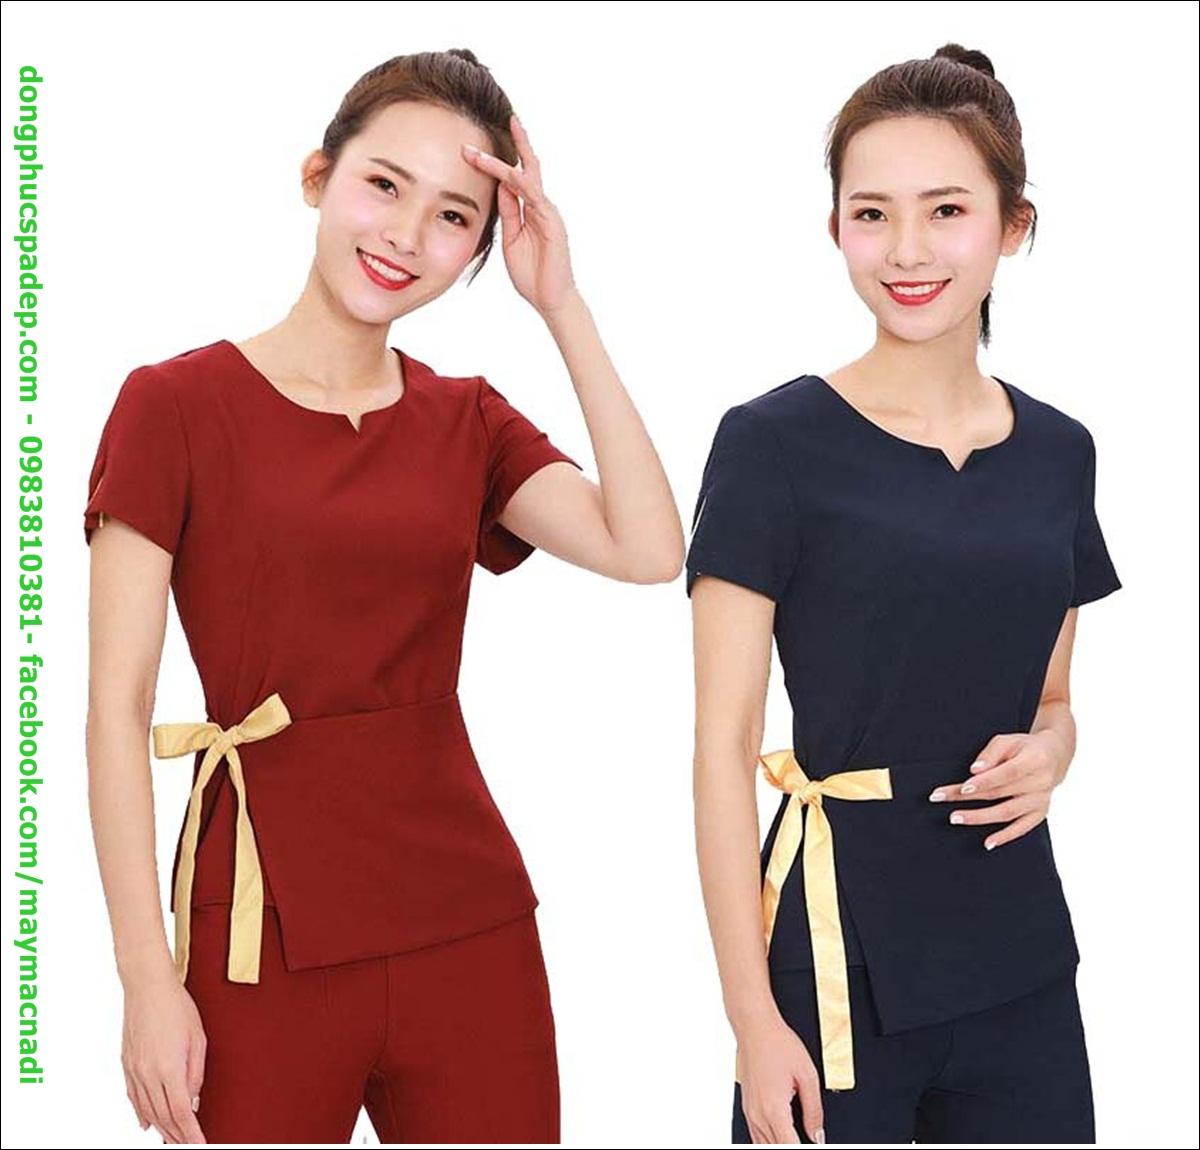 Đa số các mẫu quần áo đồng phục ngành làm đẹp thường hướng đến sự tiện lợi khi làm việc